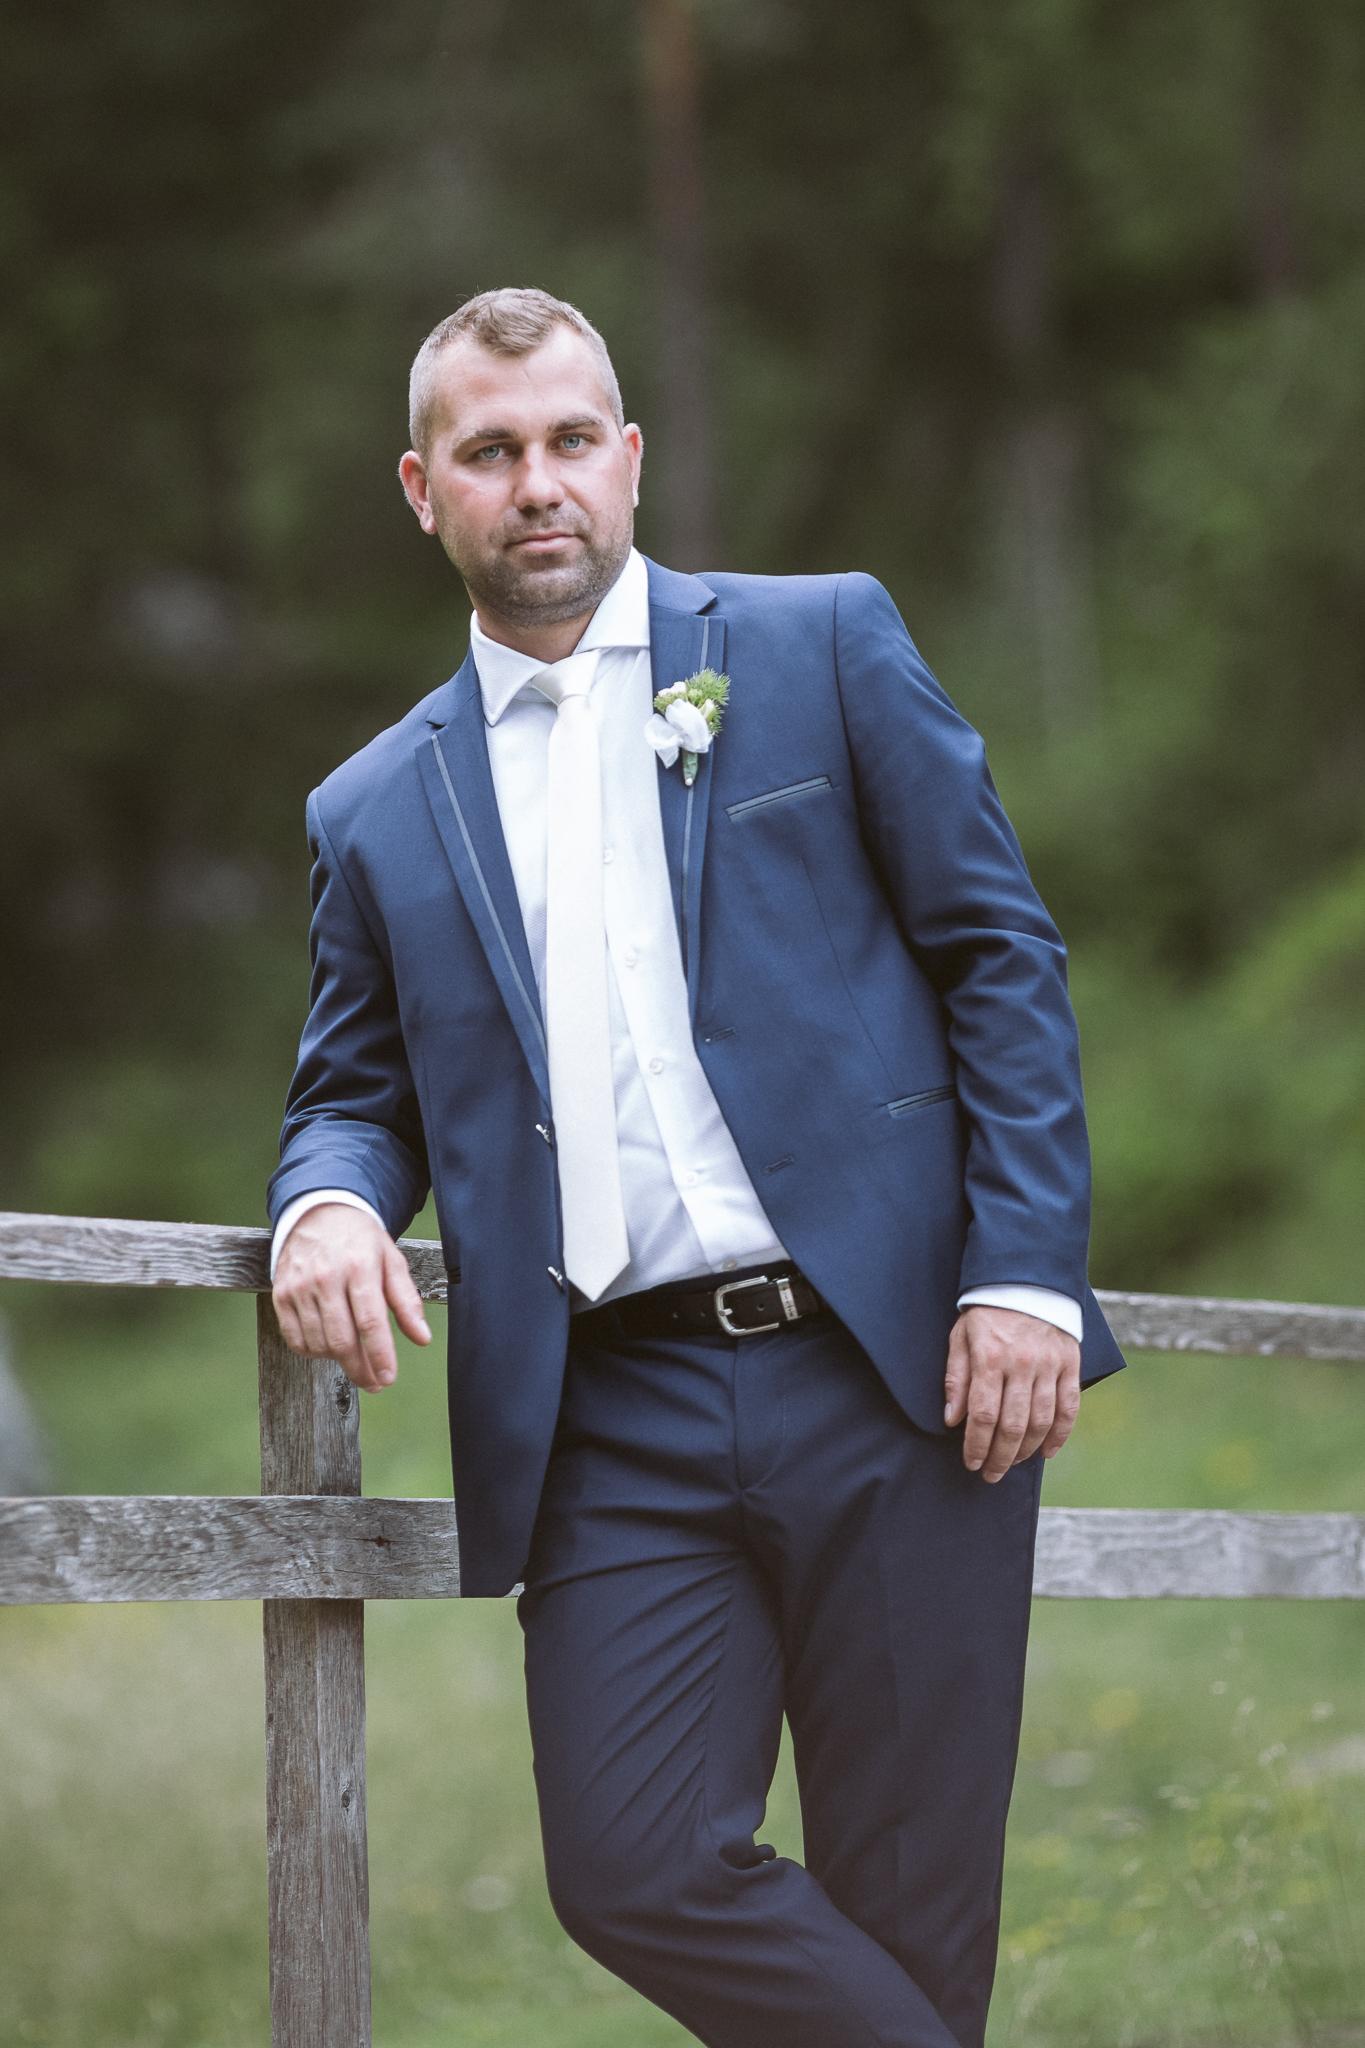 FylepPhoto, esküvőfotózás, magyarország, esküvői fotós, vasmegye, prémium, jegyesfotózás, Fülöp Péter, körmend, kreatív, grüner see_16.jpg